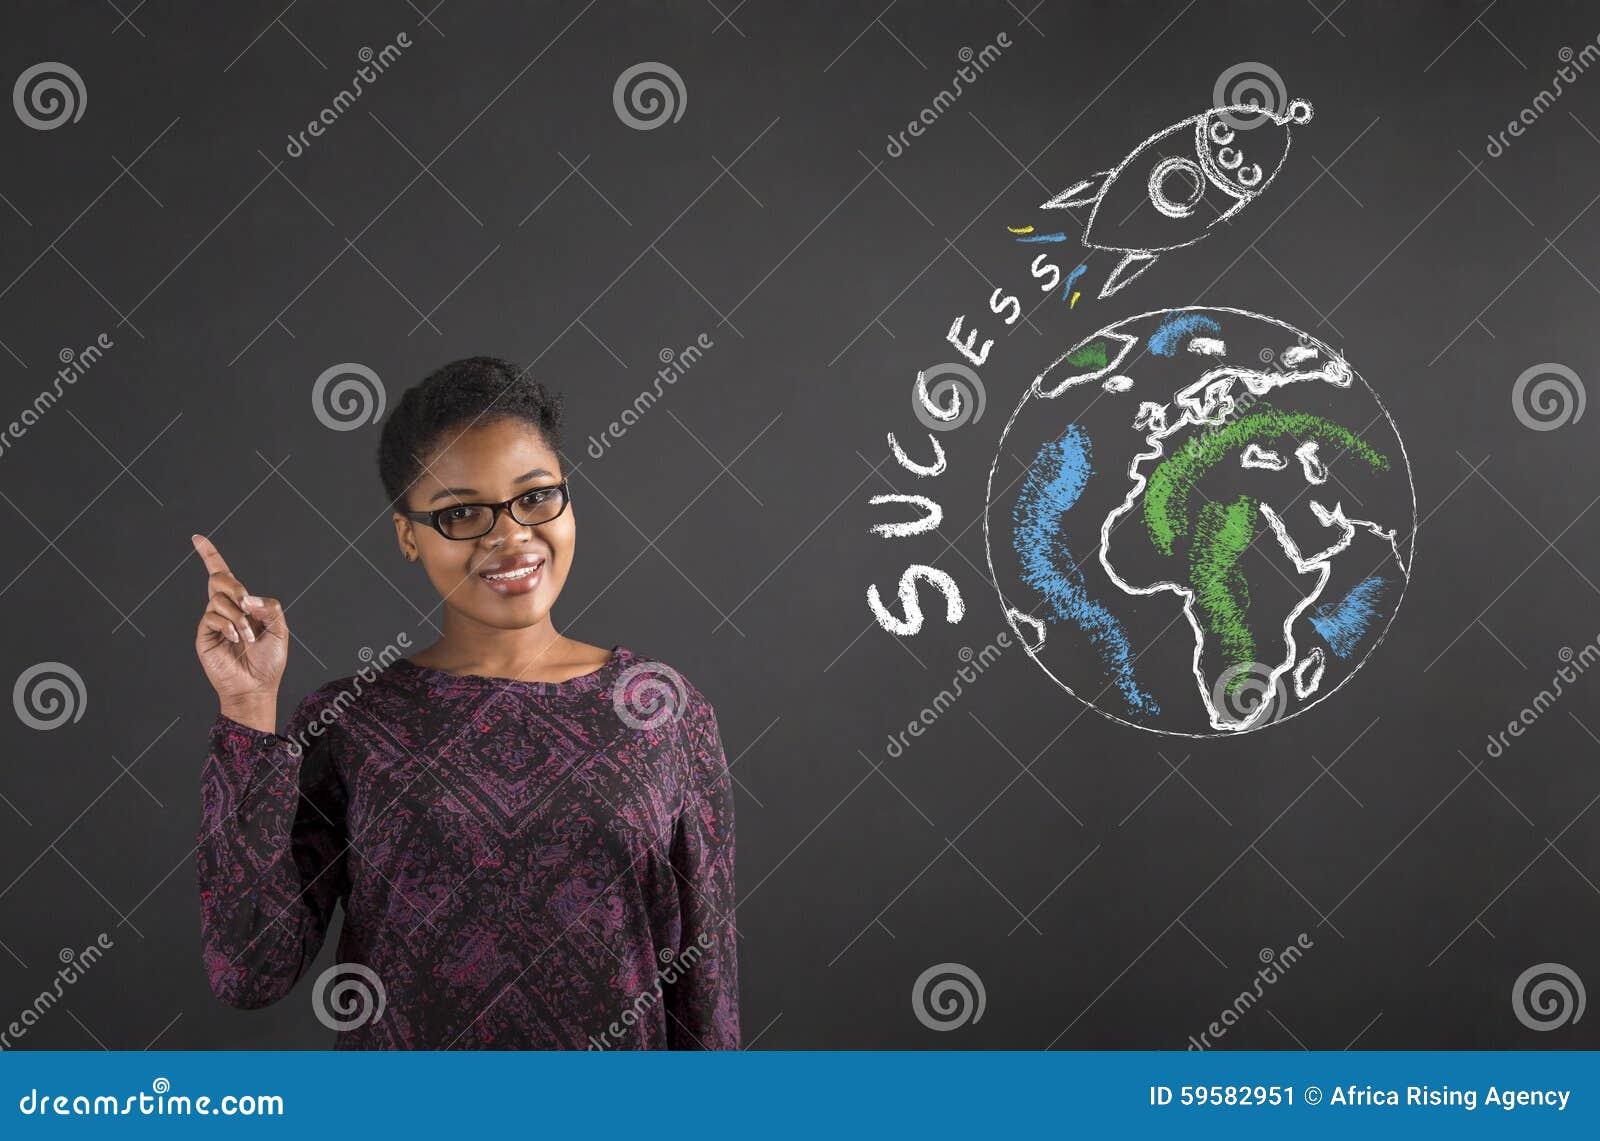 Bra idé för afrikansk kvinna om världsframgång på svart tavlabakgrund